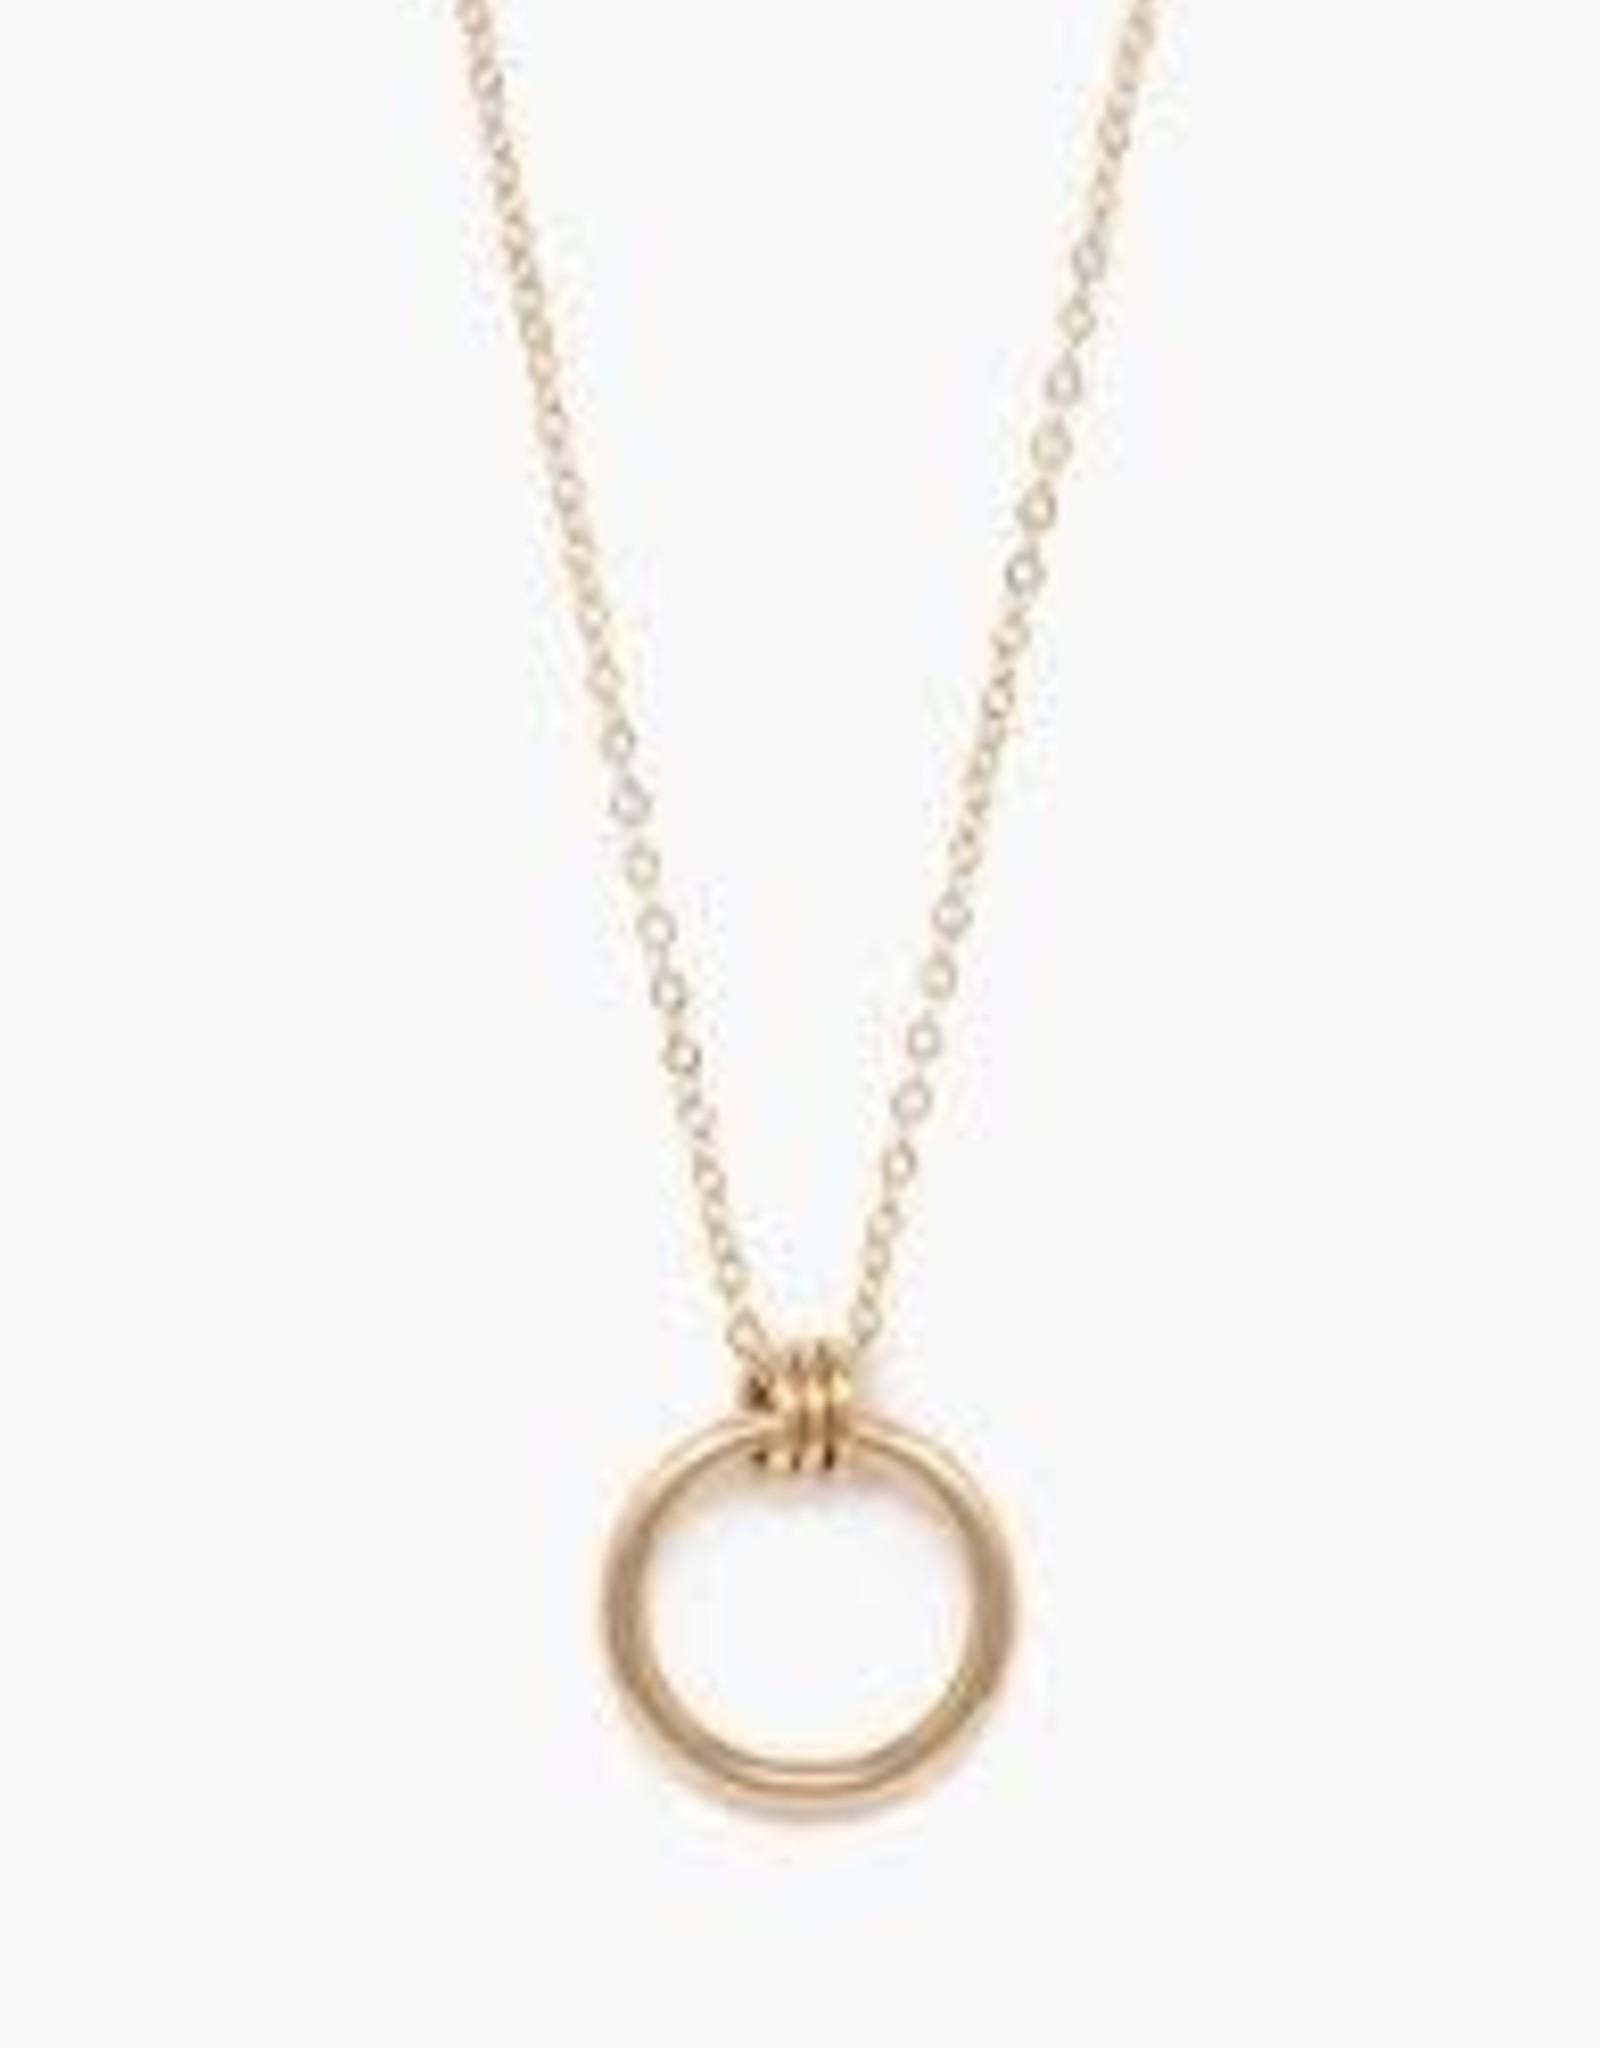 FashionABLE FashionABLE Celine Necklace